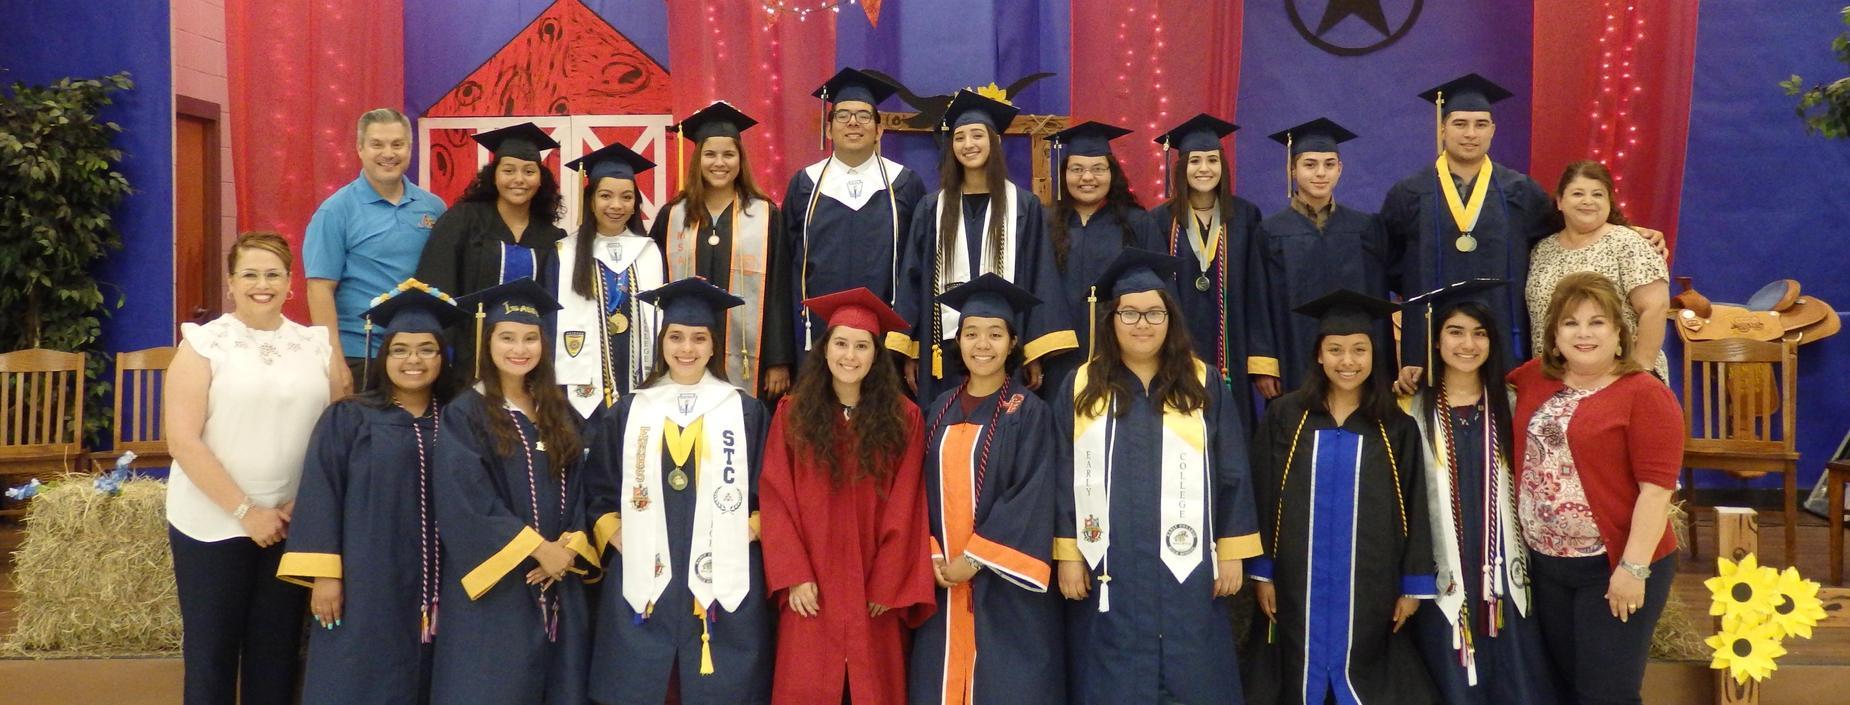 Former Guerra 2019 Graduating Students